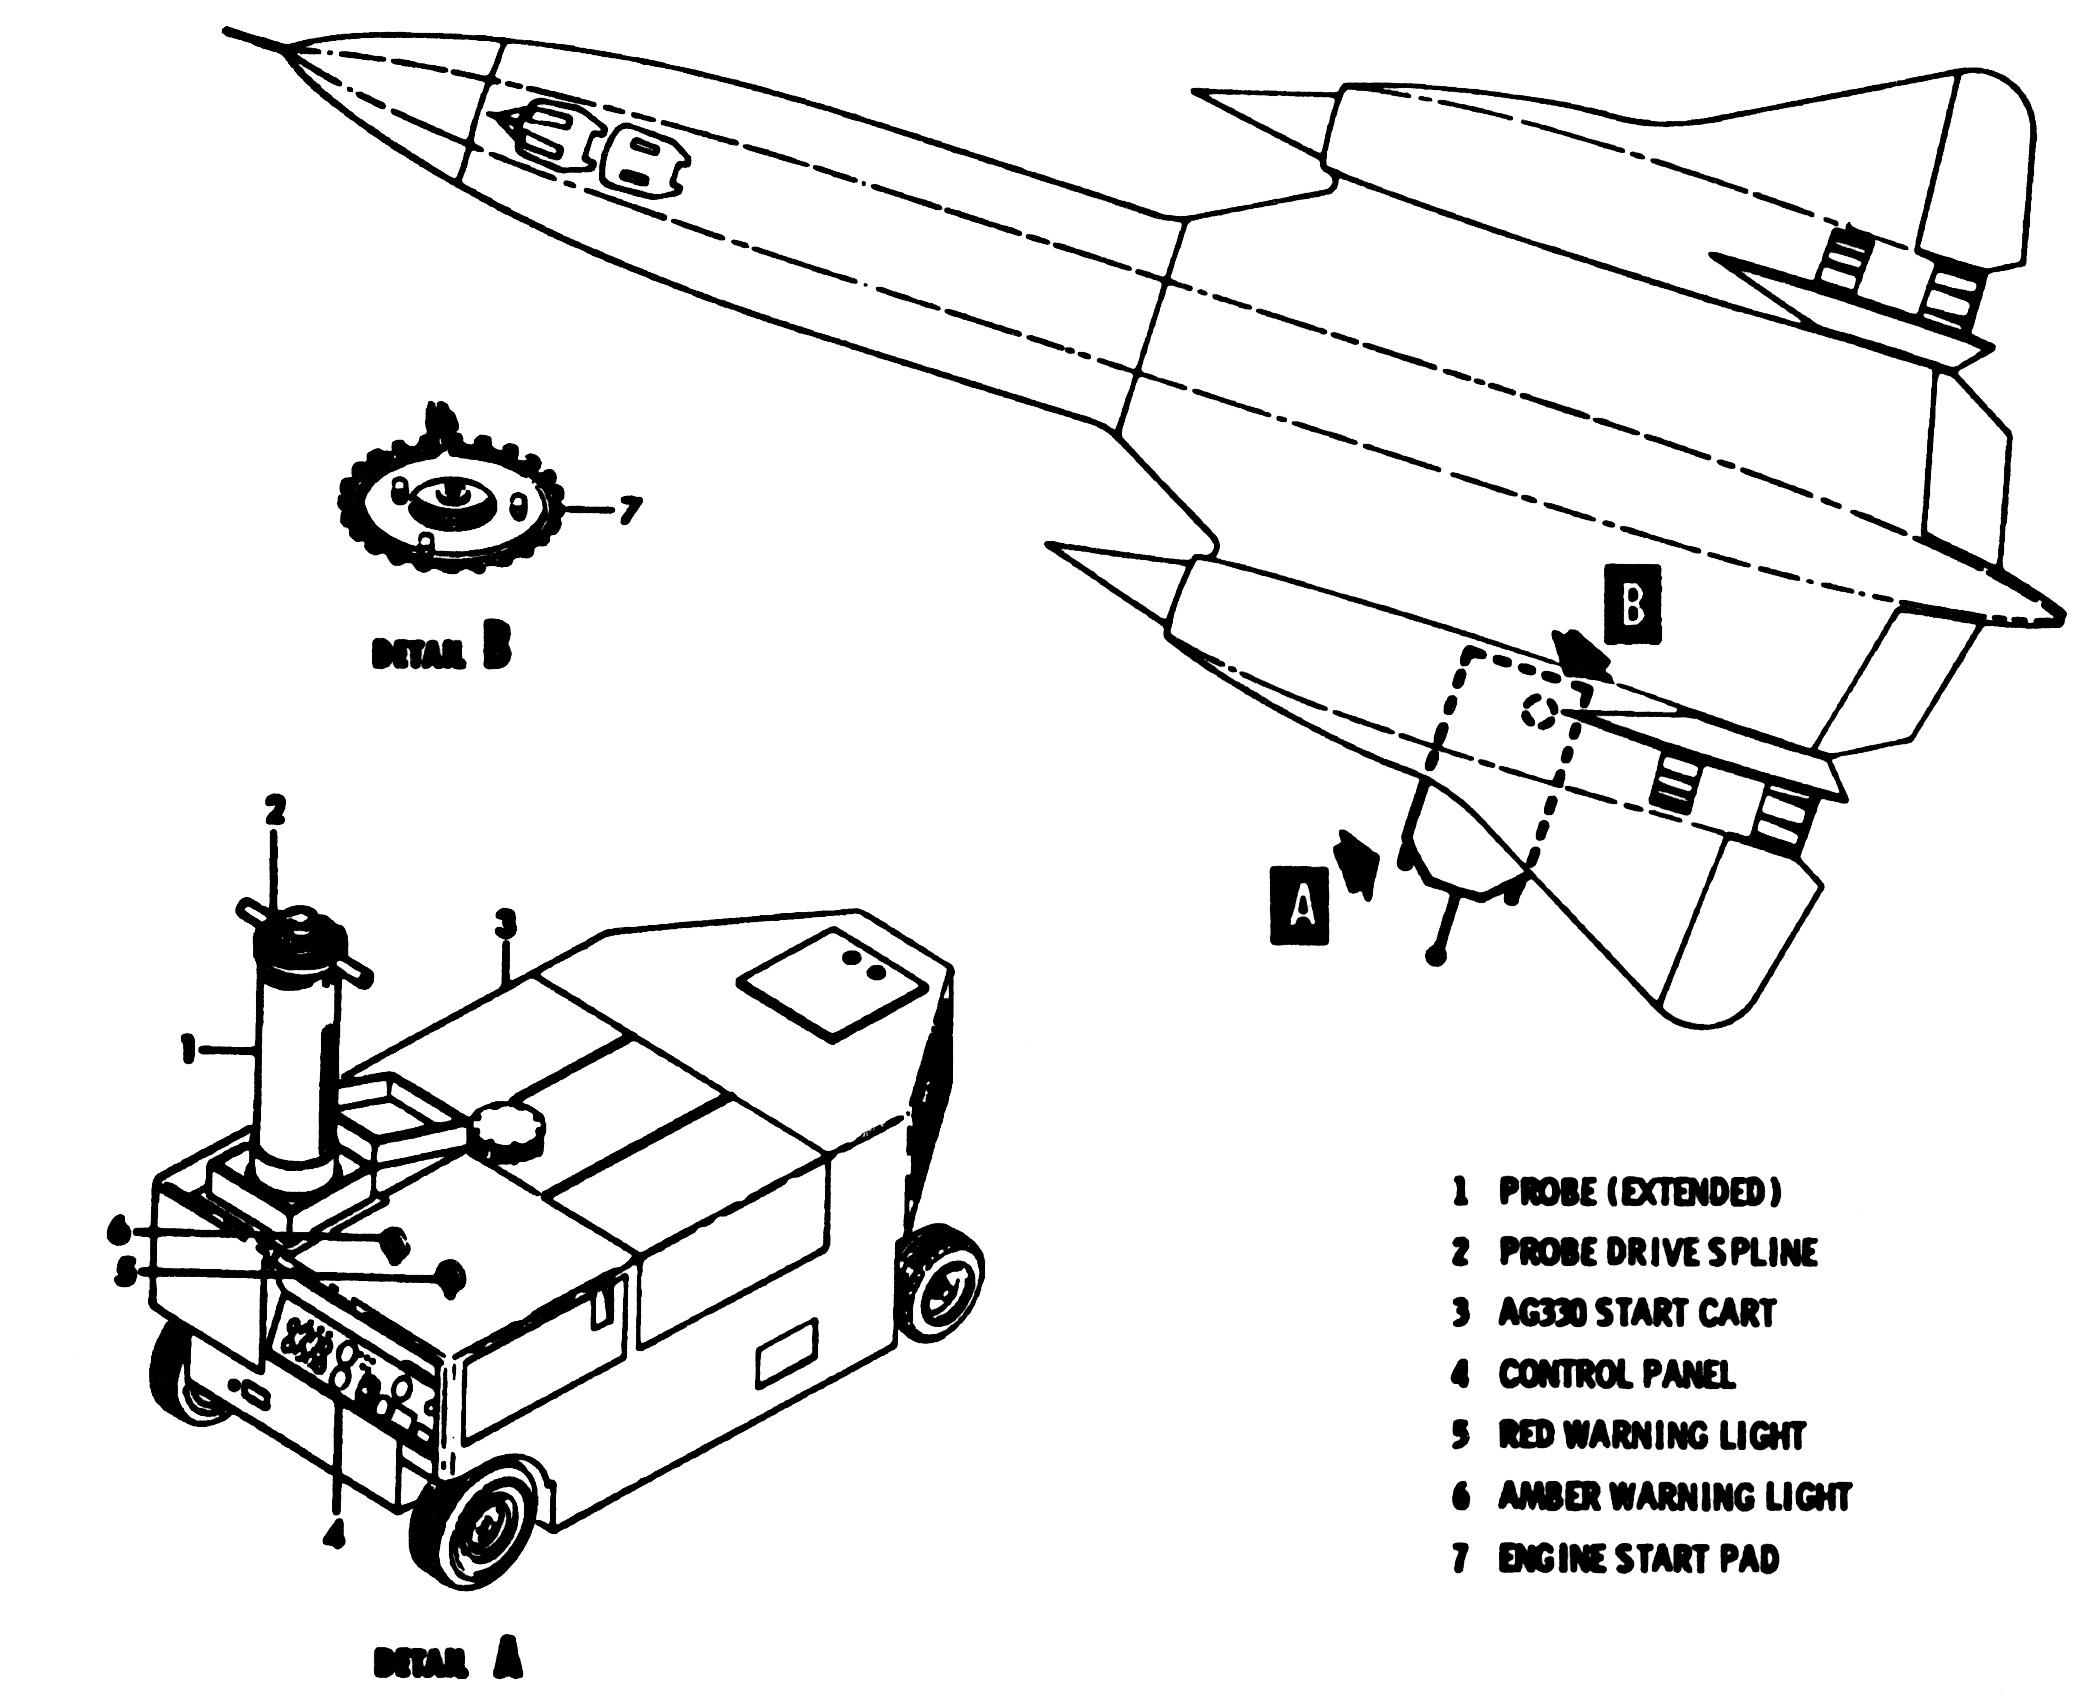 SR-71, A-12, YF-12A AG-330 Buick start